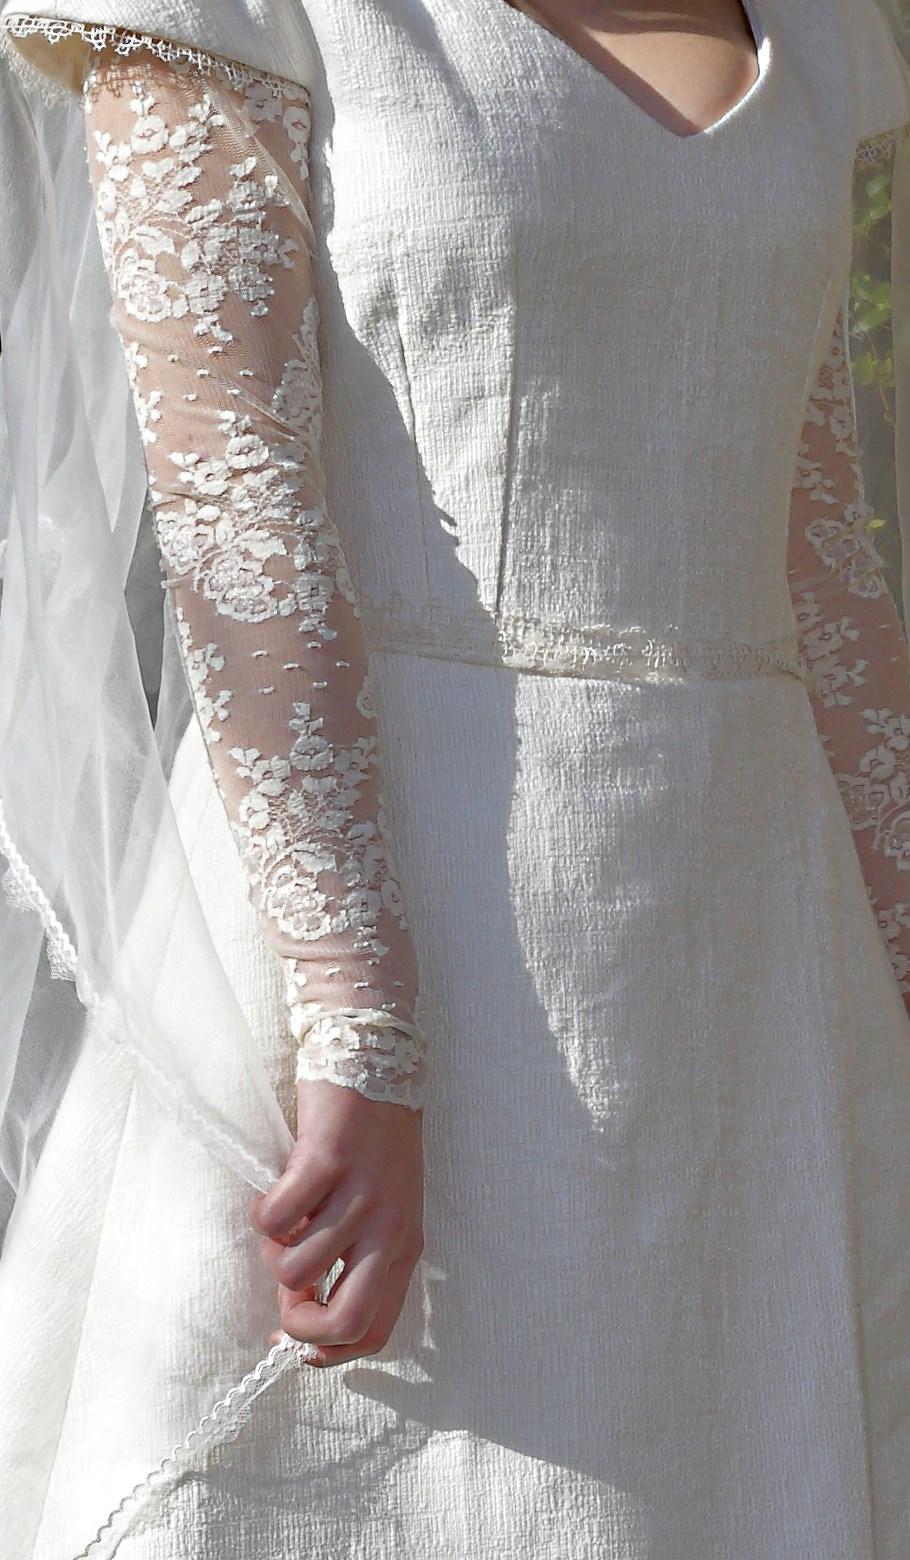 robe de mariée matière tissage et dentelle Berric Anais